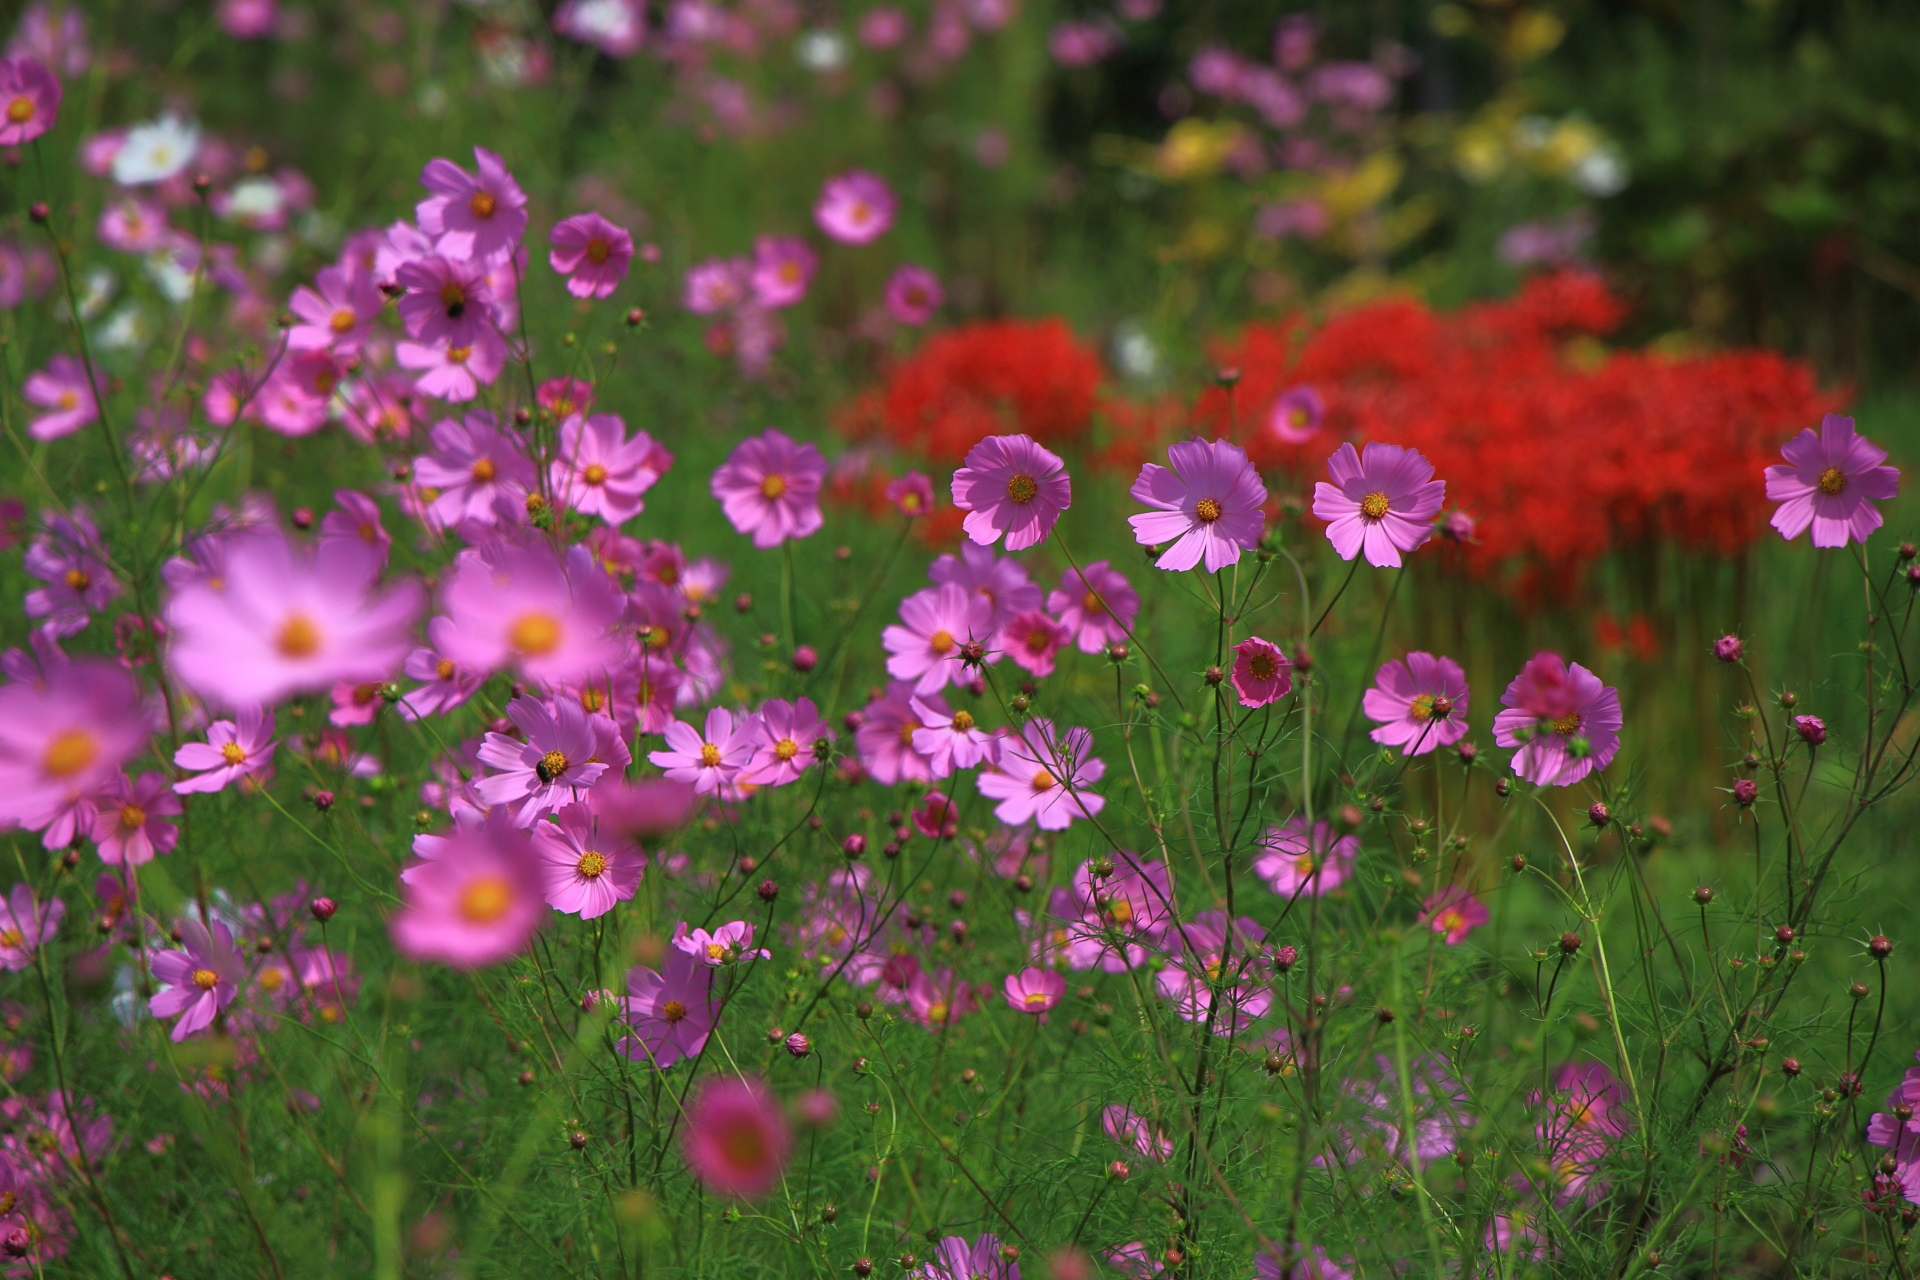 大原の溢れ出す可愛いすぎるコスモスの花